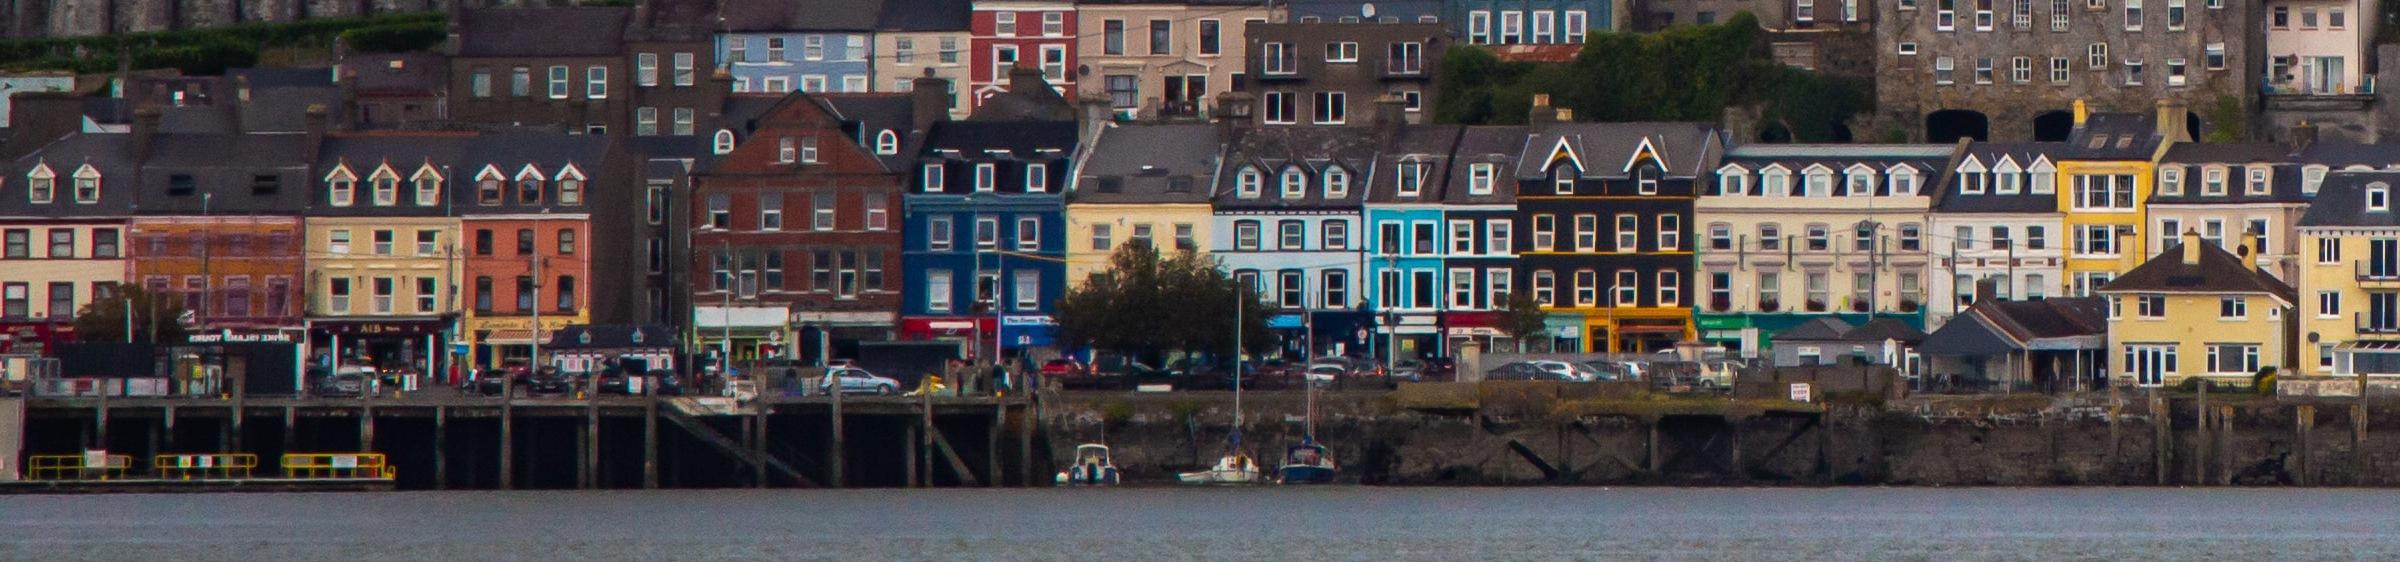 Buildings along a river